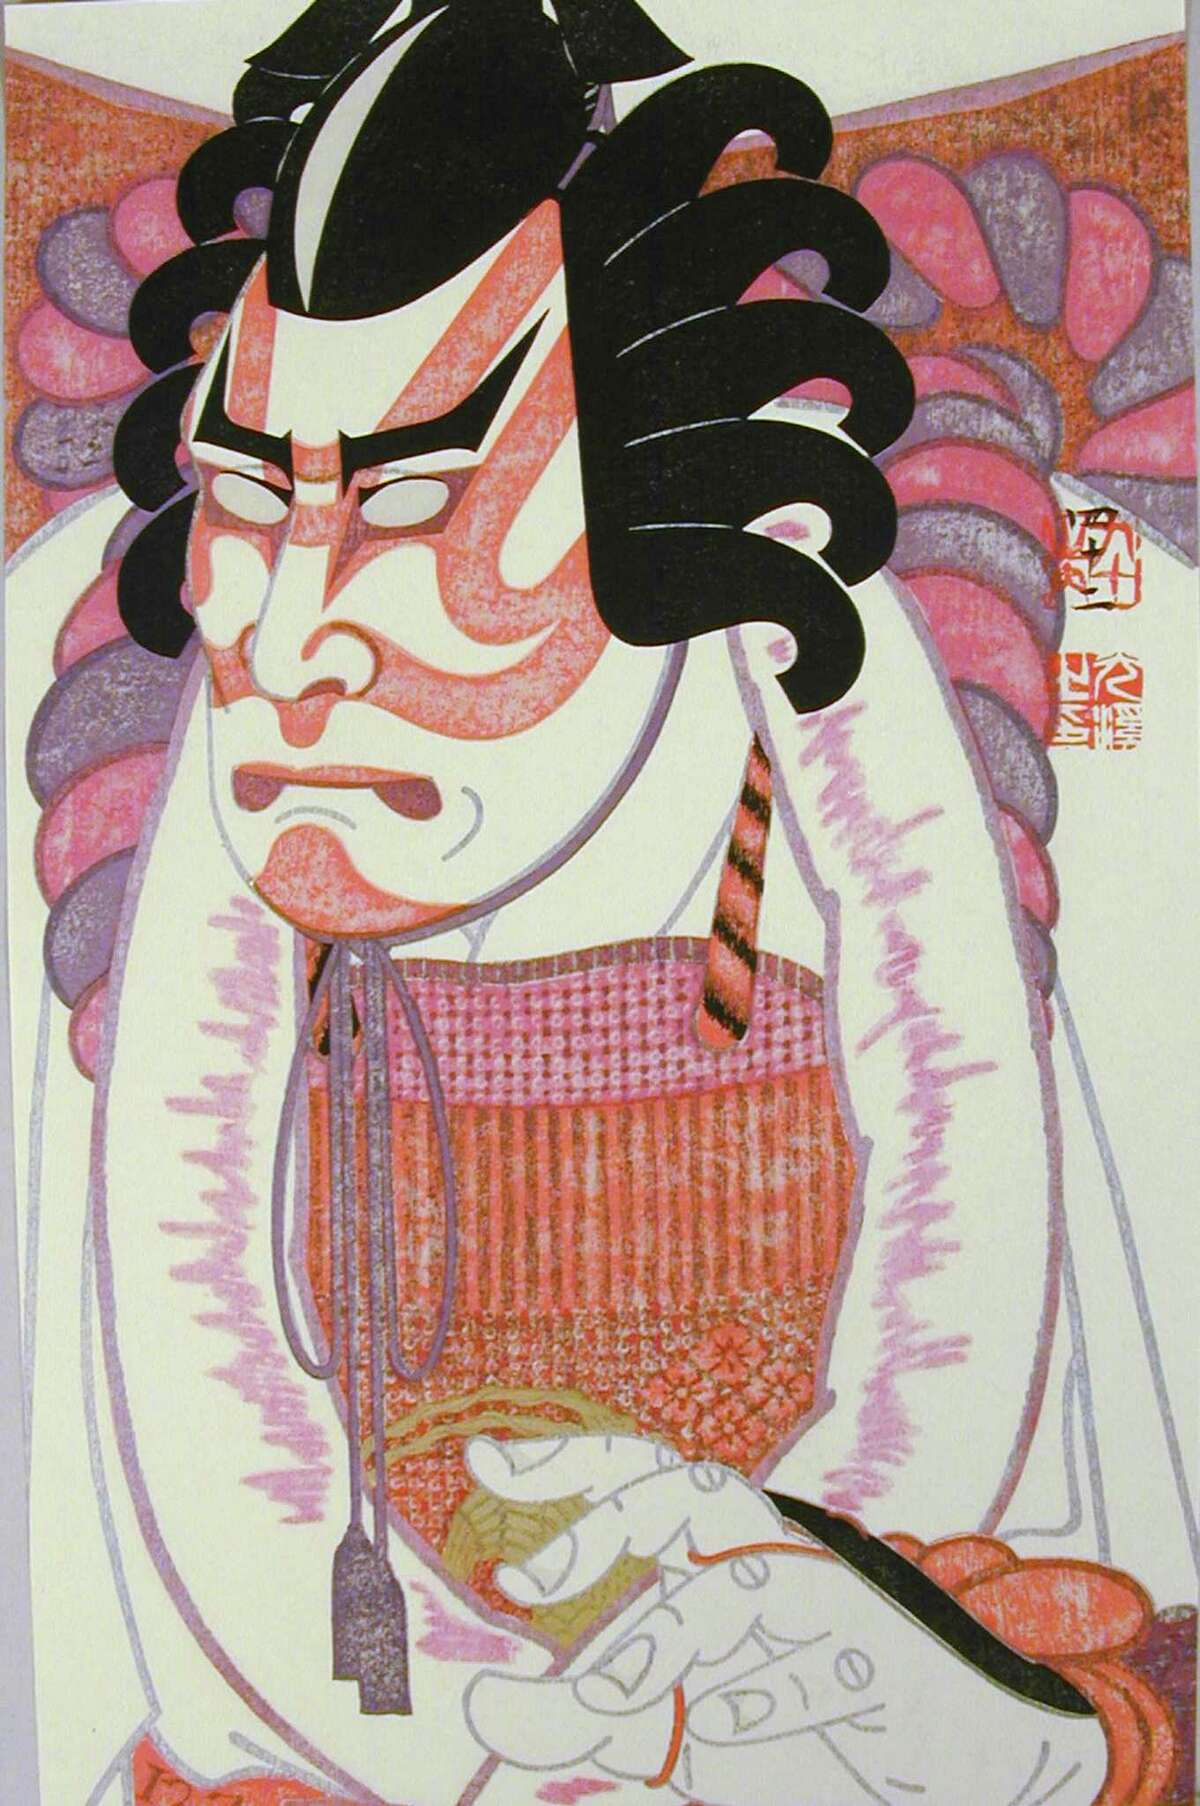 Tsuruya Kokei created